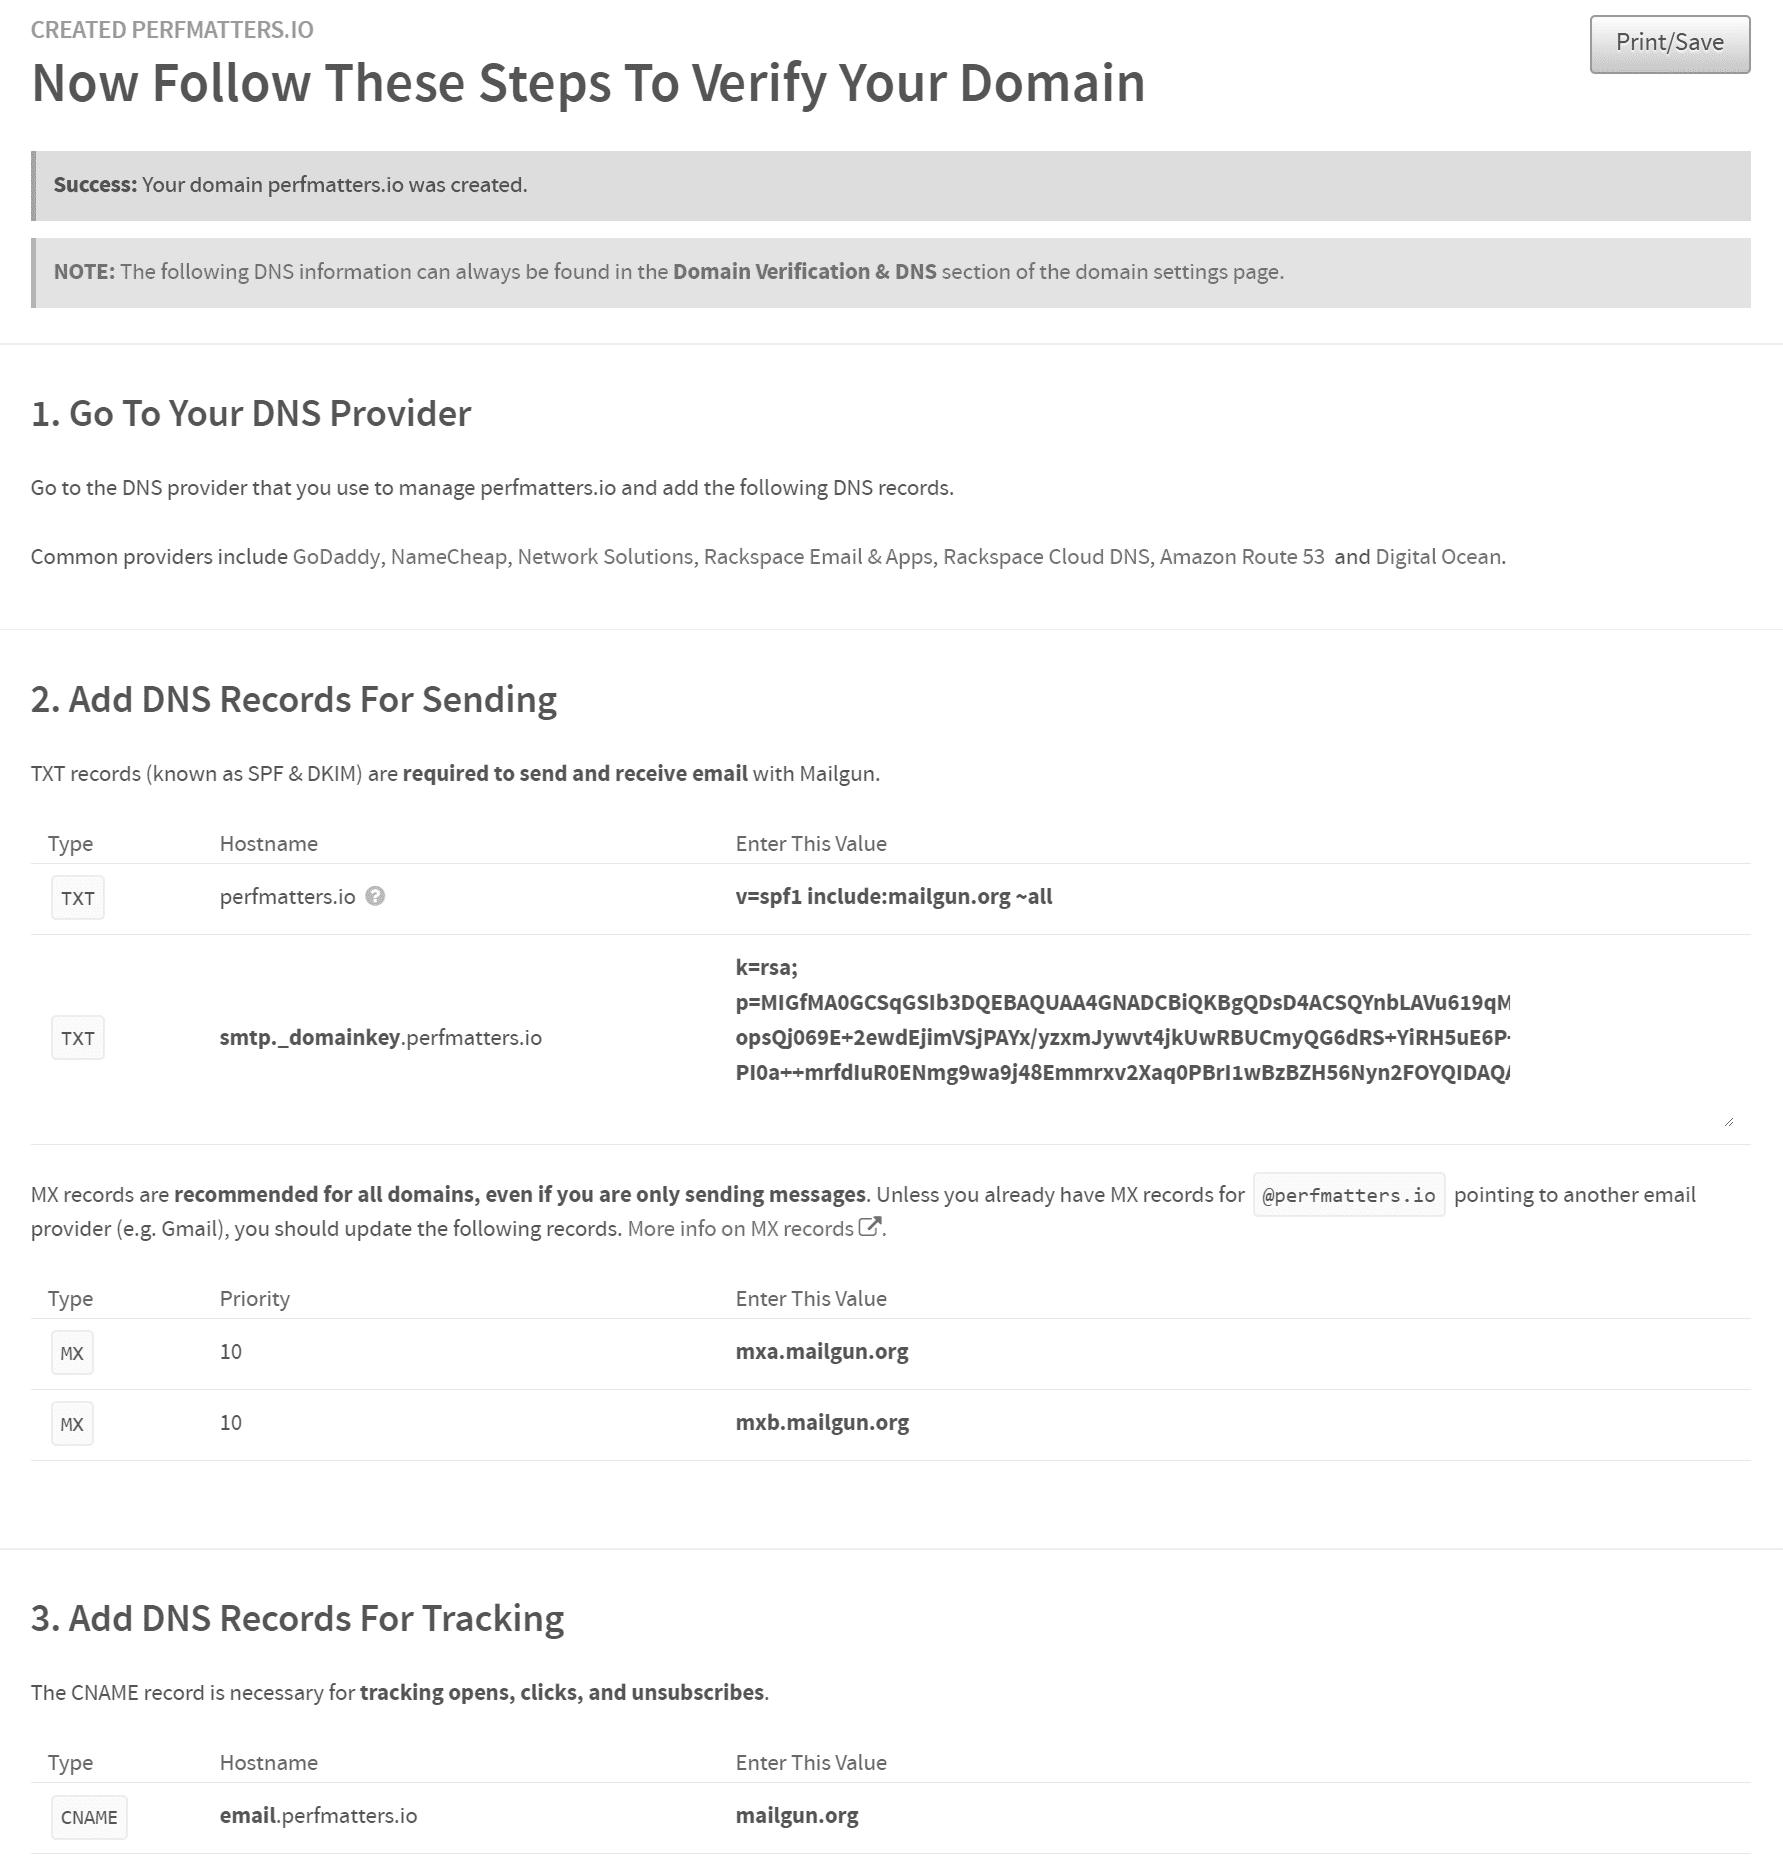 Verificare i record DNS del dominio